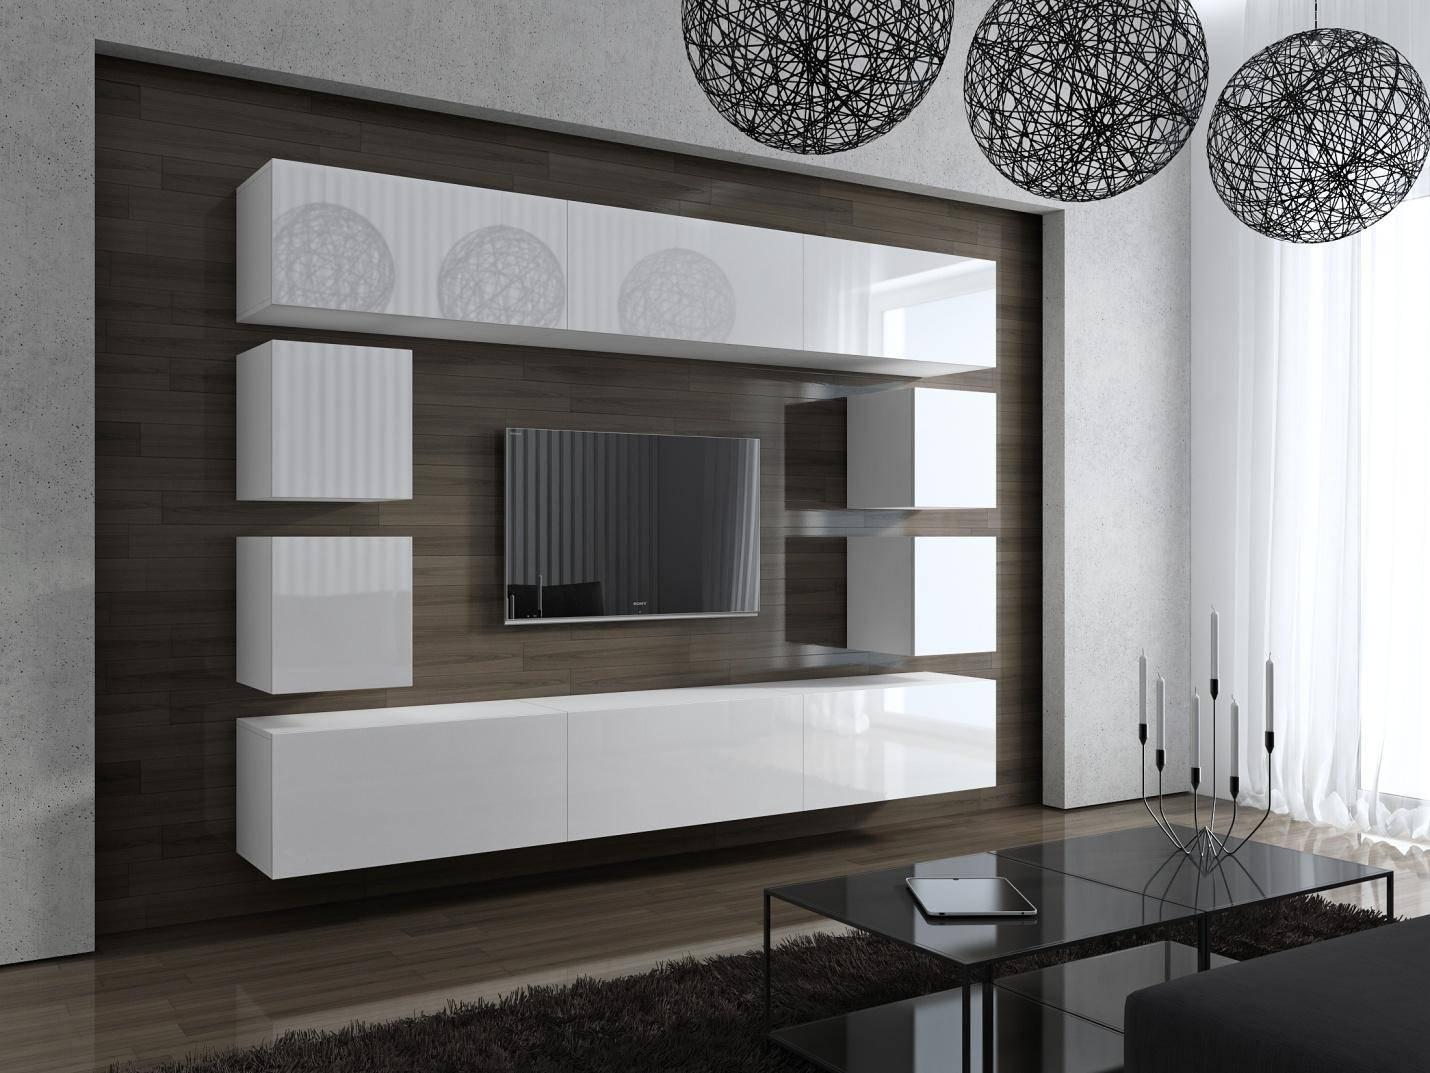 Độ sáng bóng của phòng khách sẽ bị ảnh hưởng nếu bạn lau chùi không đúng cách